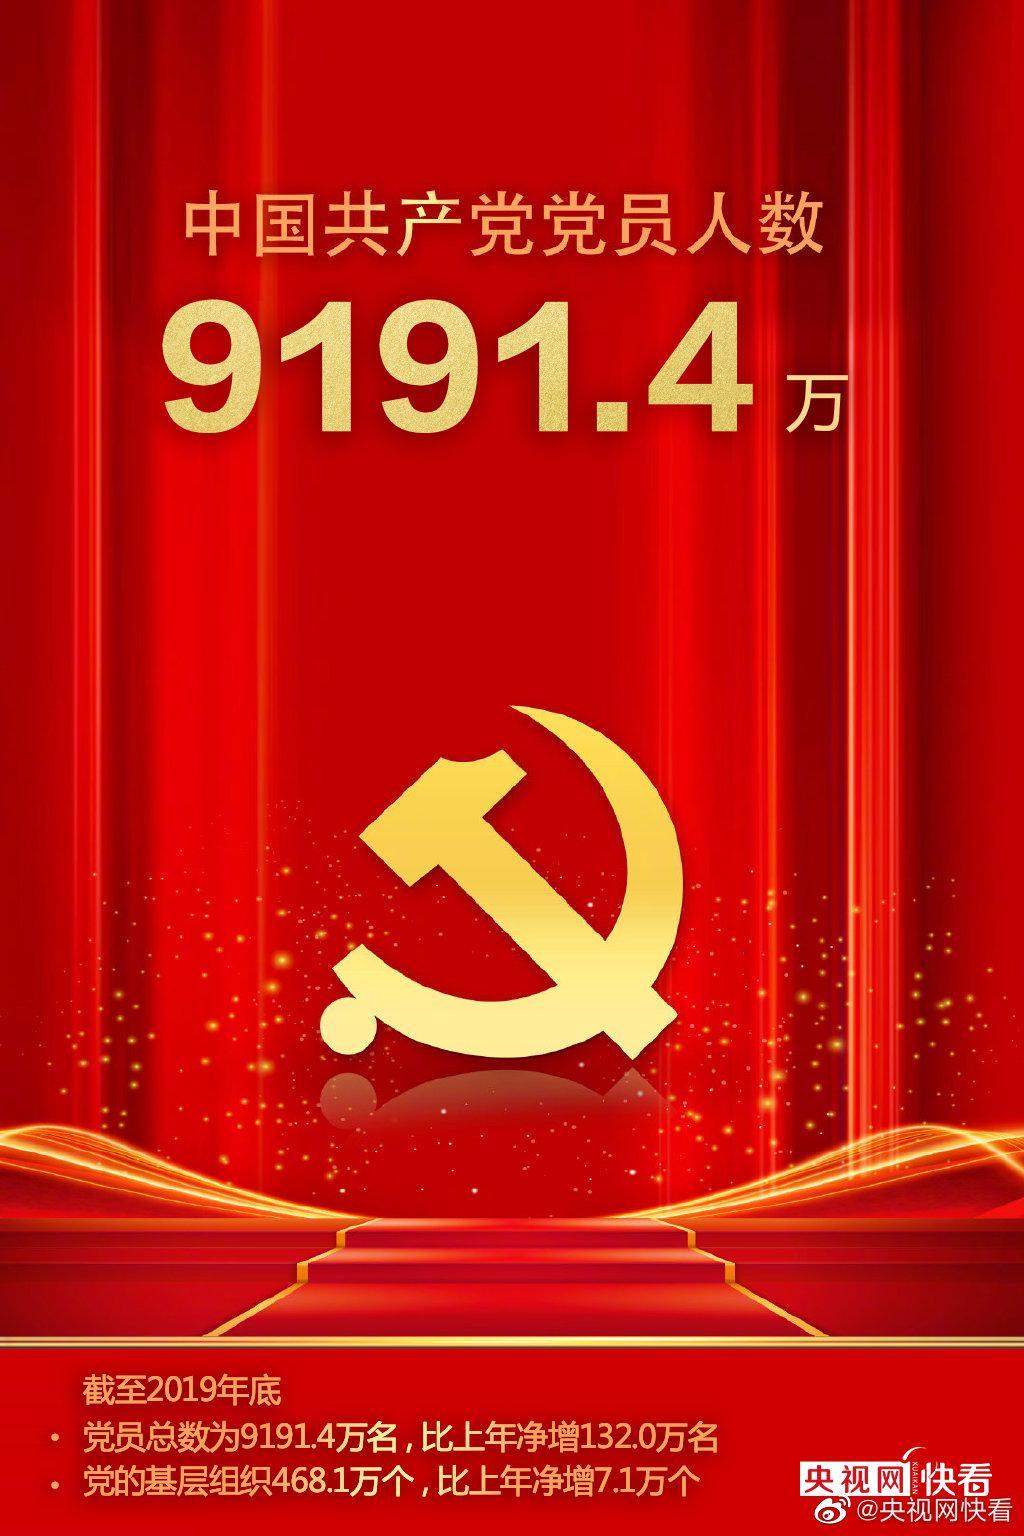 最新数字!中国共产党党员总数9191.4万